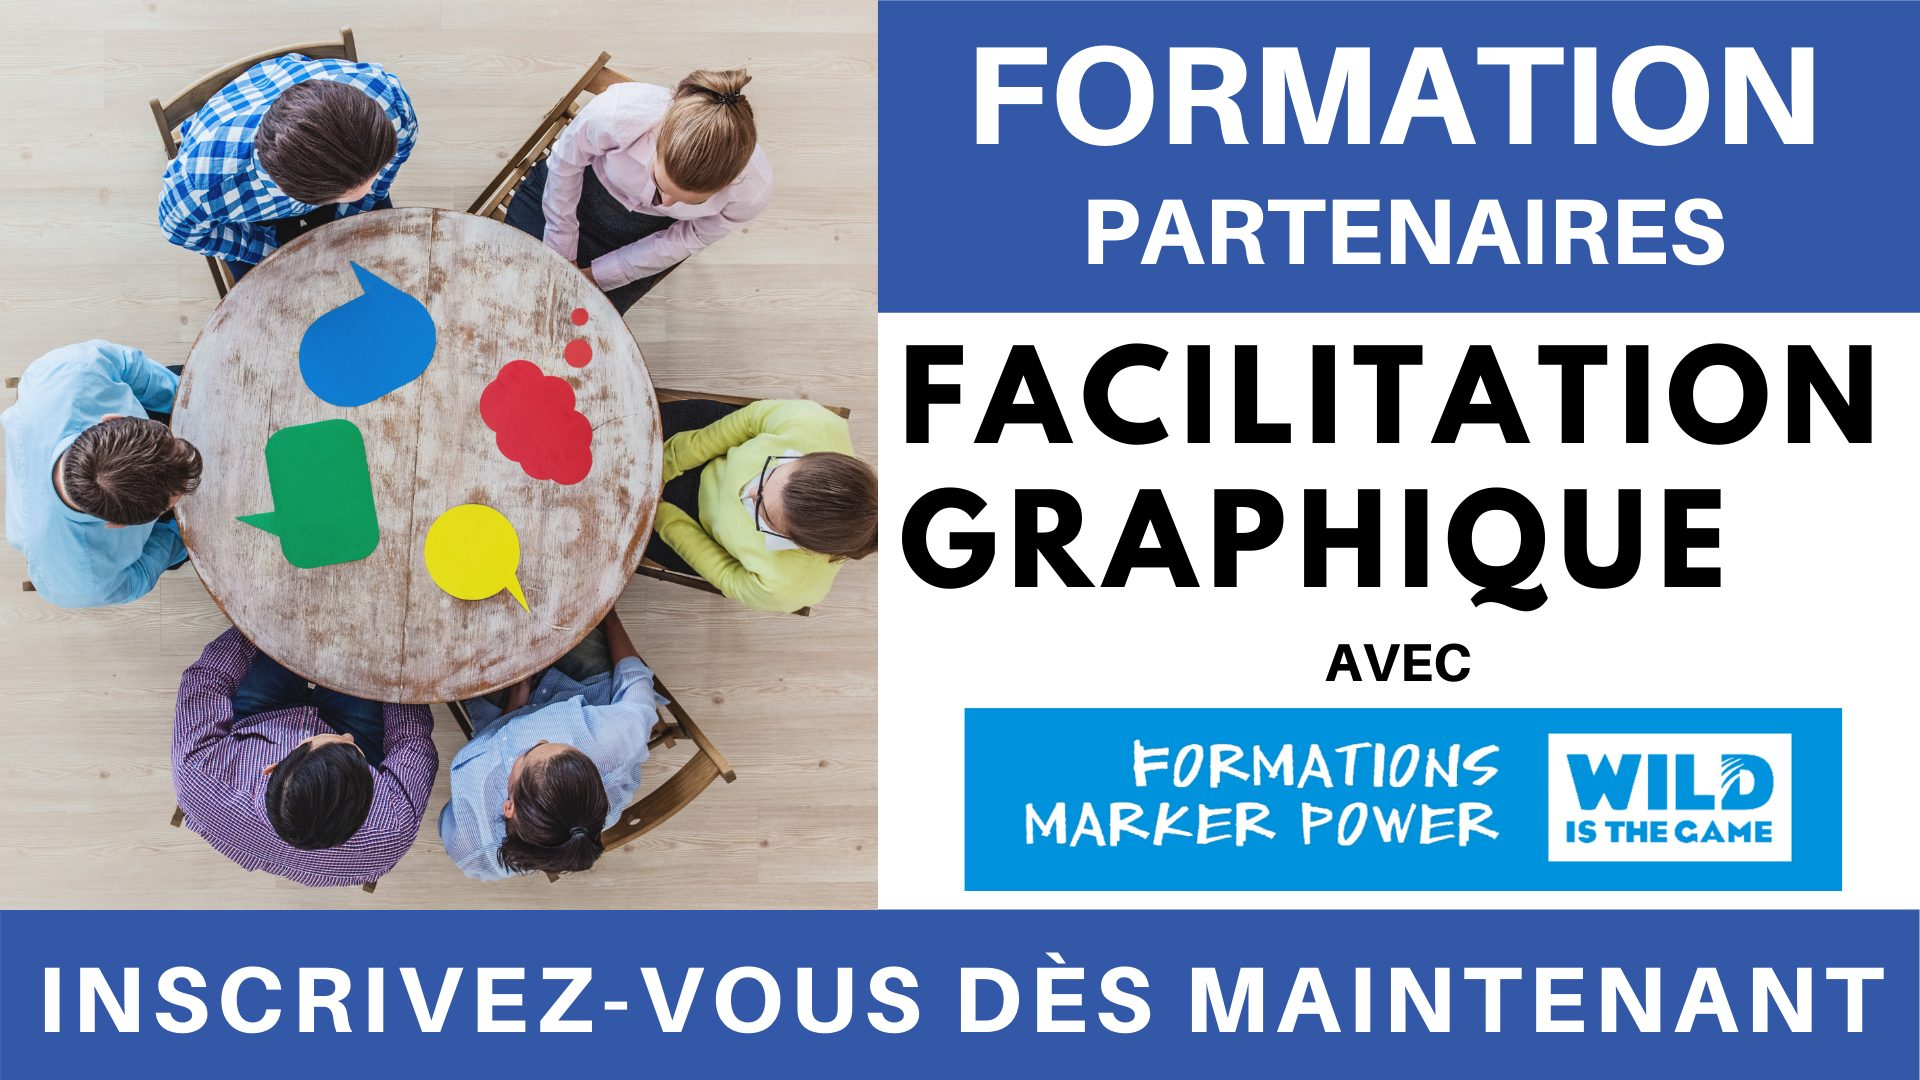 Formation PARTENAIRES - Facilitation Graphique